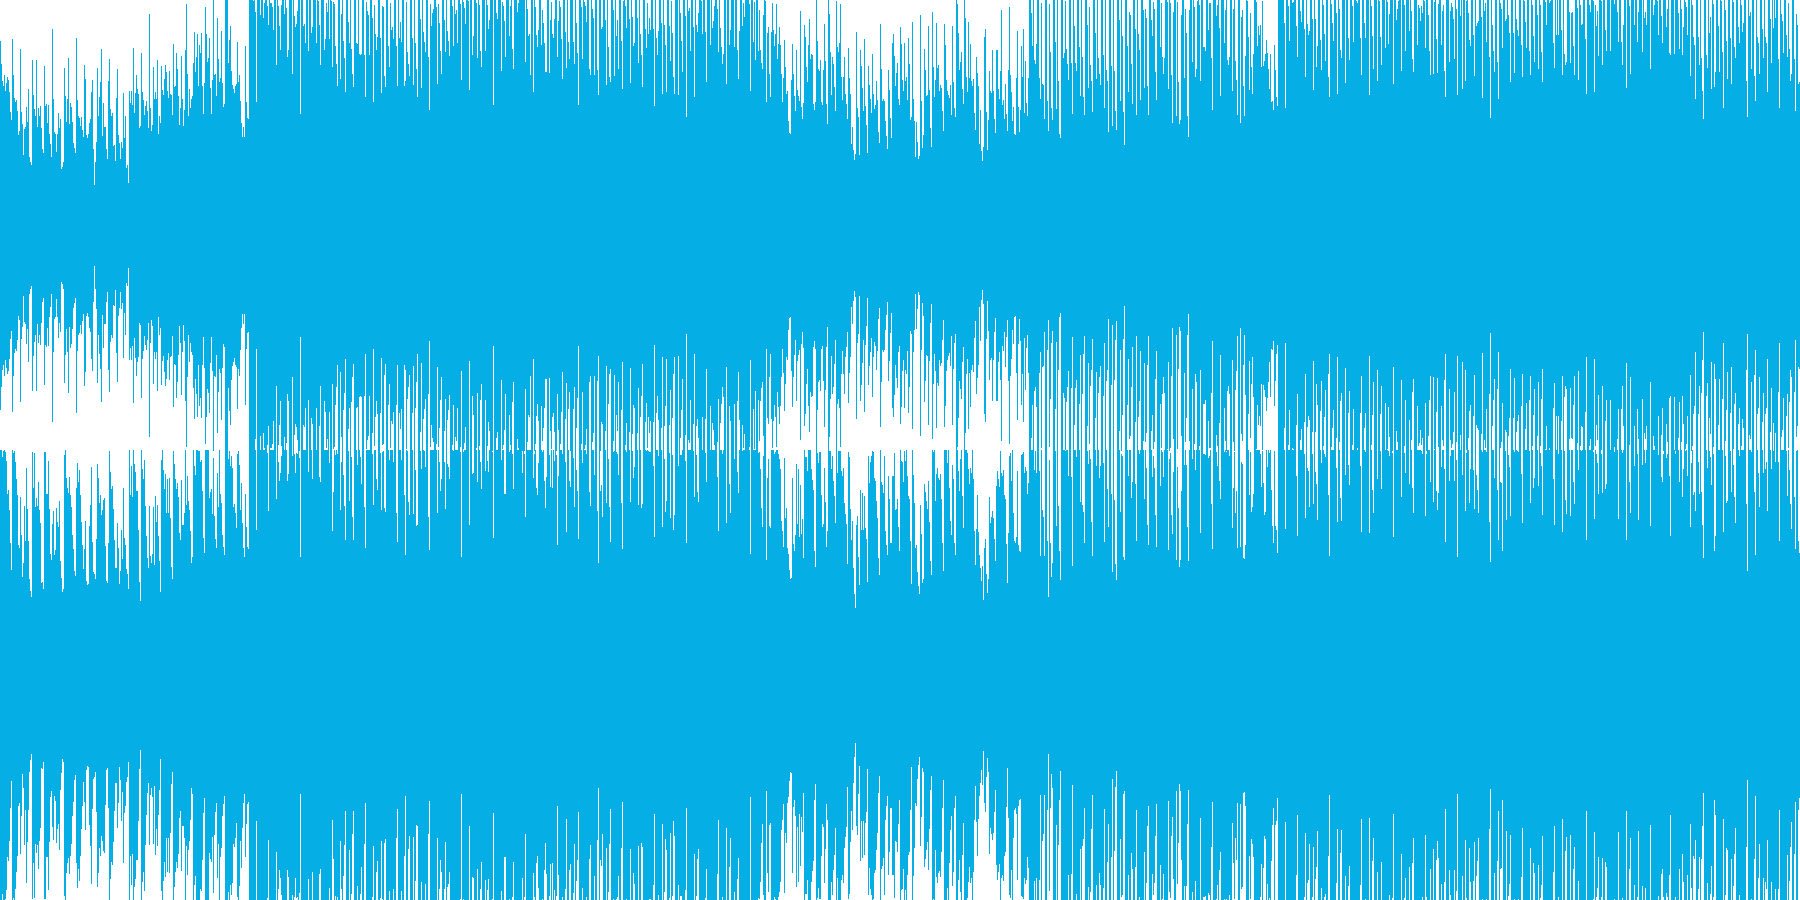 キラキラさわやかテクノポップの再生済みの波形